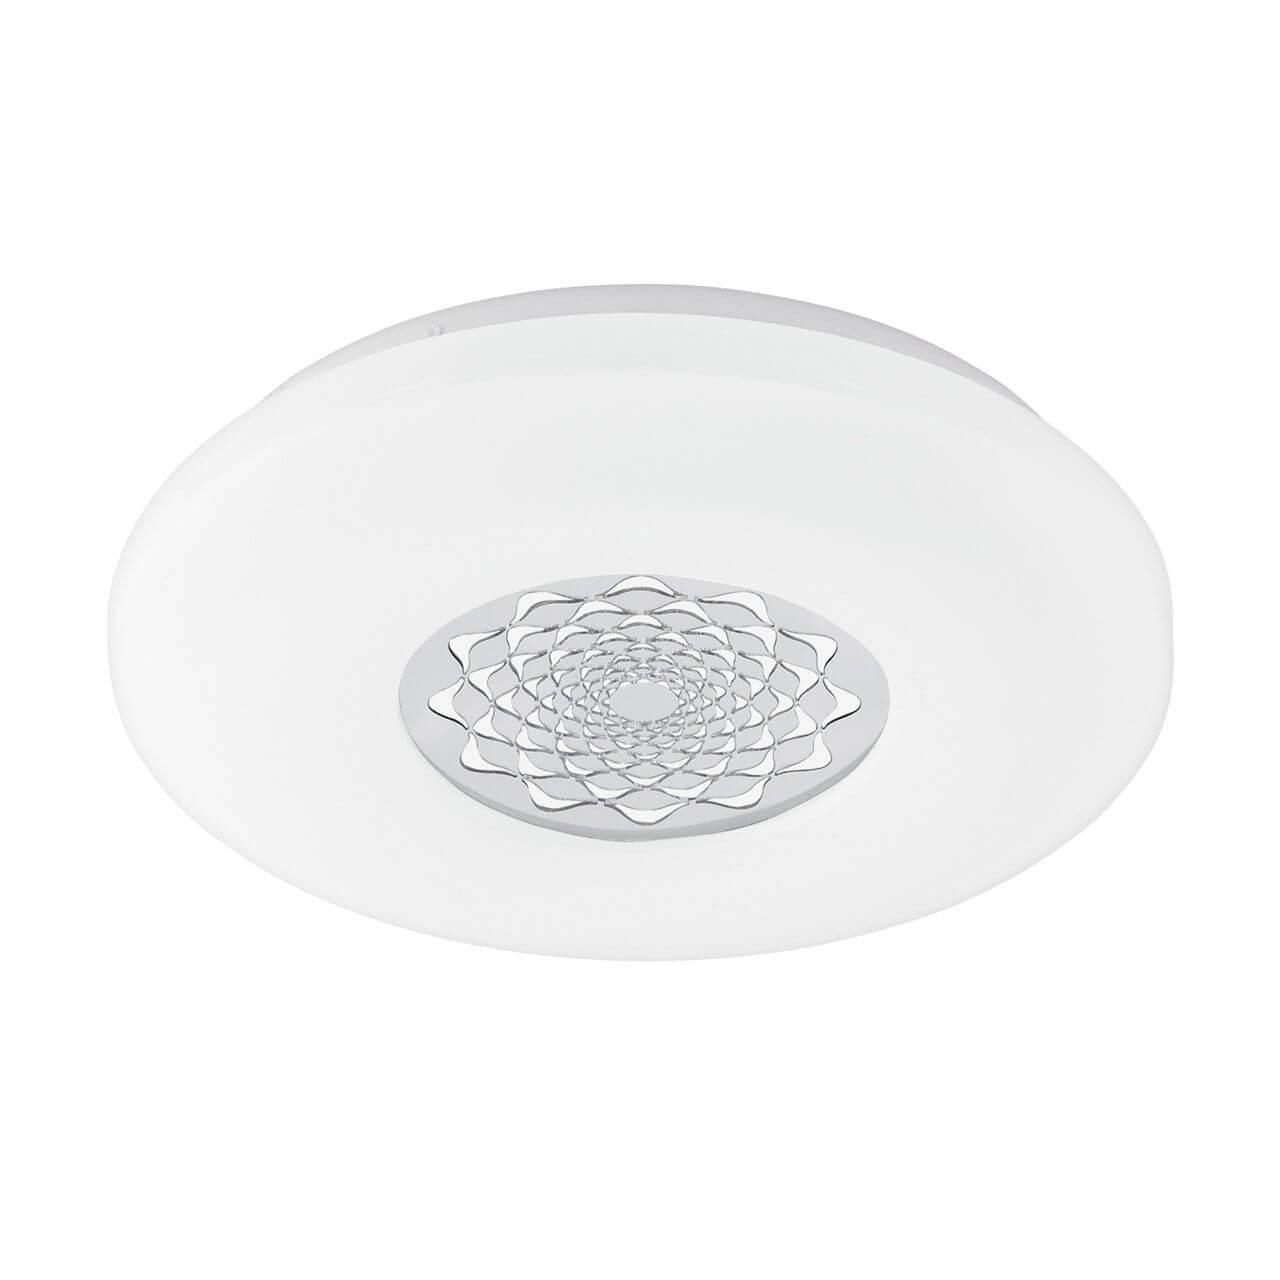 Потолочный светильник Eglo 96025, белый eglo 94615